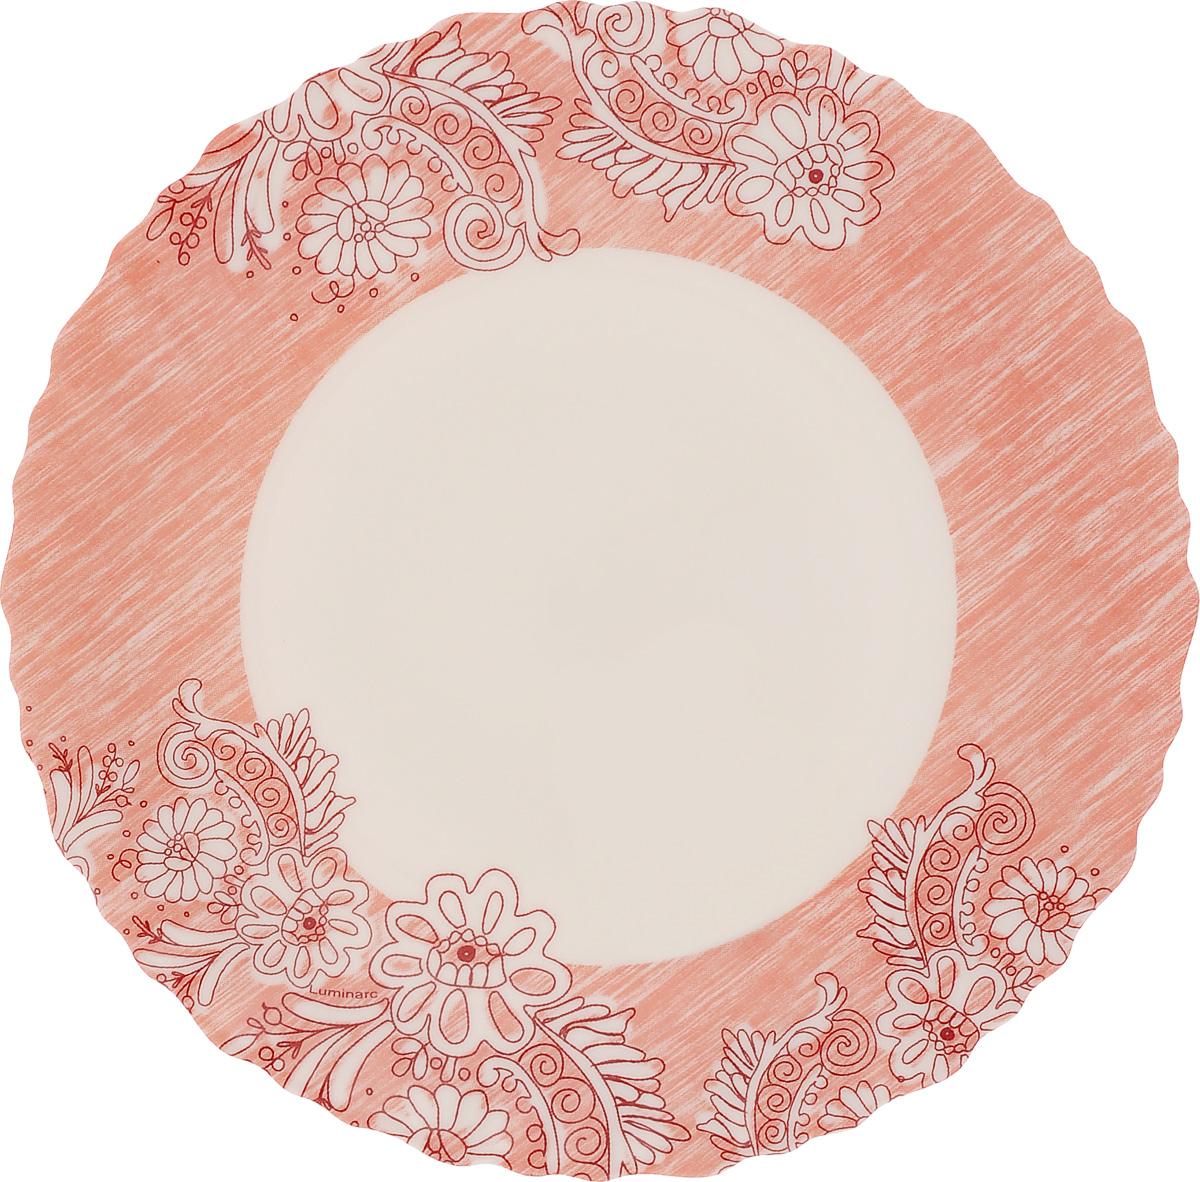 Тарелка десертная Luminarc Minelli, цвет: розовый, белый, диаметр 18,5 смJ7036Десертная тарелка Luminarc Minelli, изготовленная из ударопрочного стекла, декорирована ярким рисунком. Такая тарелка прекрасно подходит как для торжественных случаев, так и для повседневного использования. Идеальна для подачи десертов, пирожных, тортов и многого другого. Она прекрасно оформит стол и станет отличным дополнением к вашей коллекции кухонной посуды. Диаметр тарелки (по верхнему краю): 18,5 см.